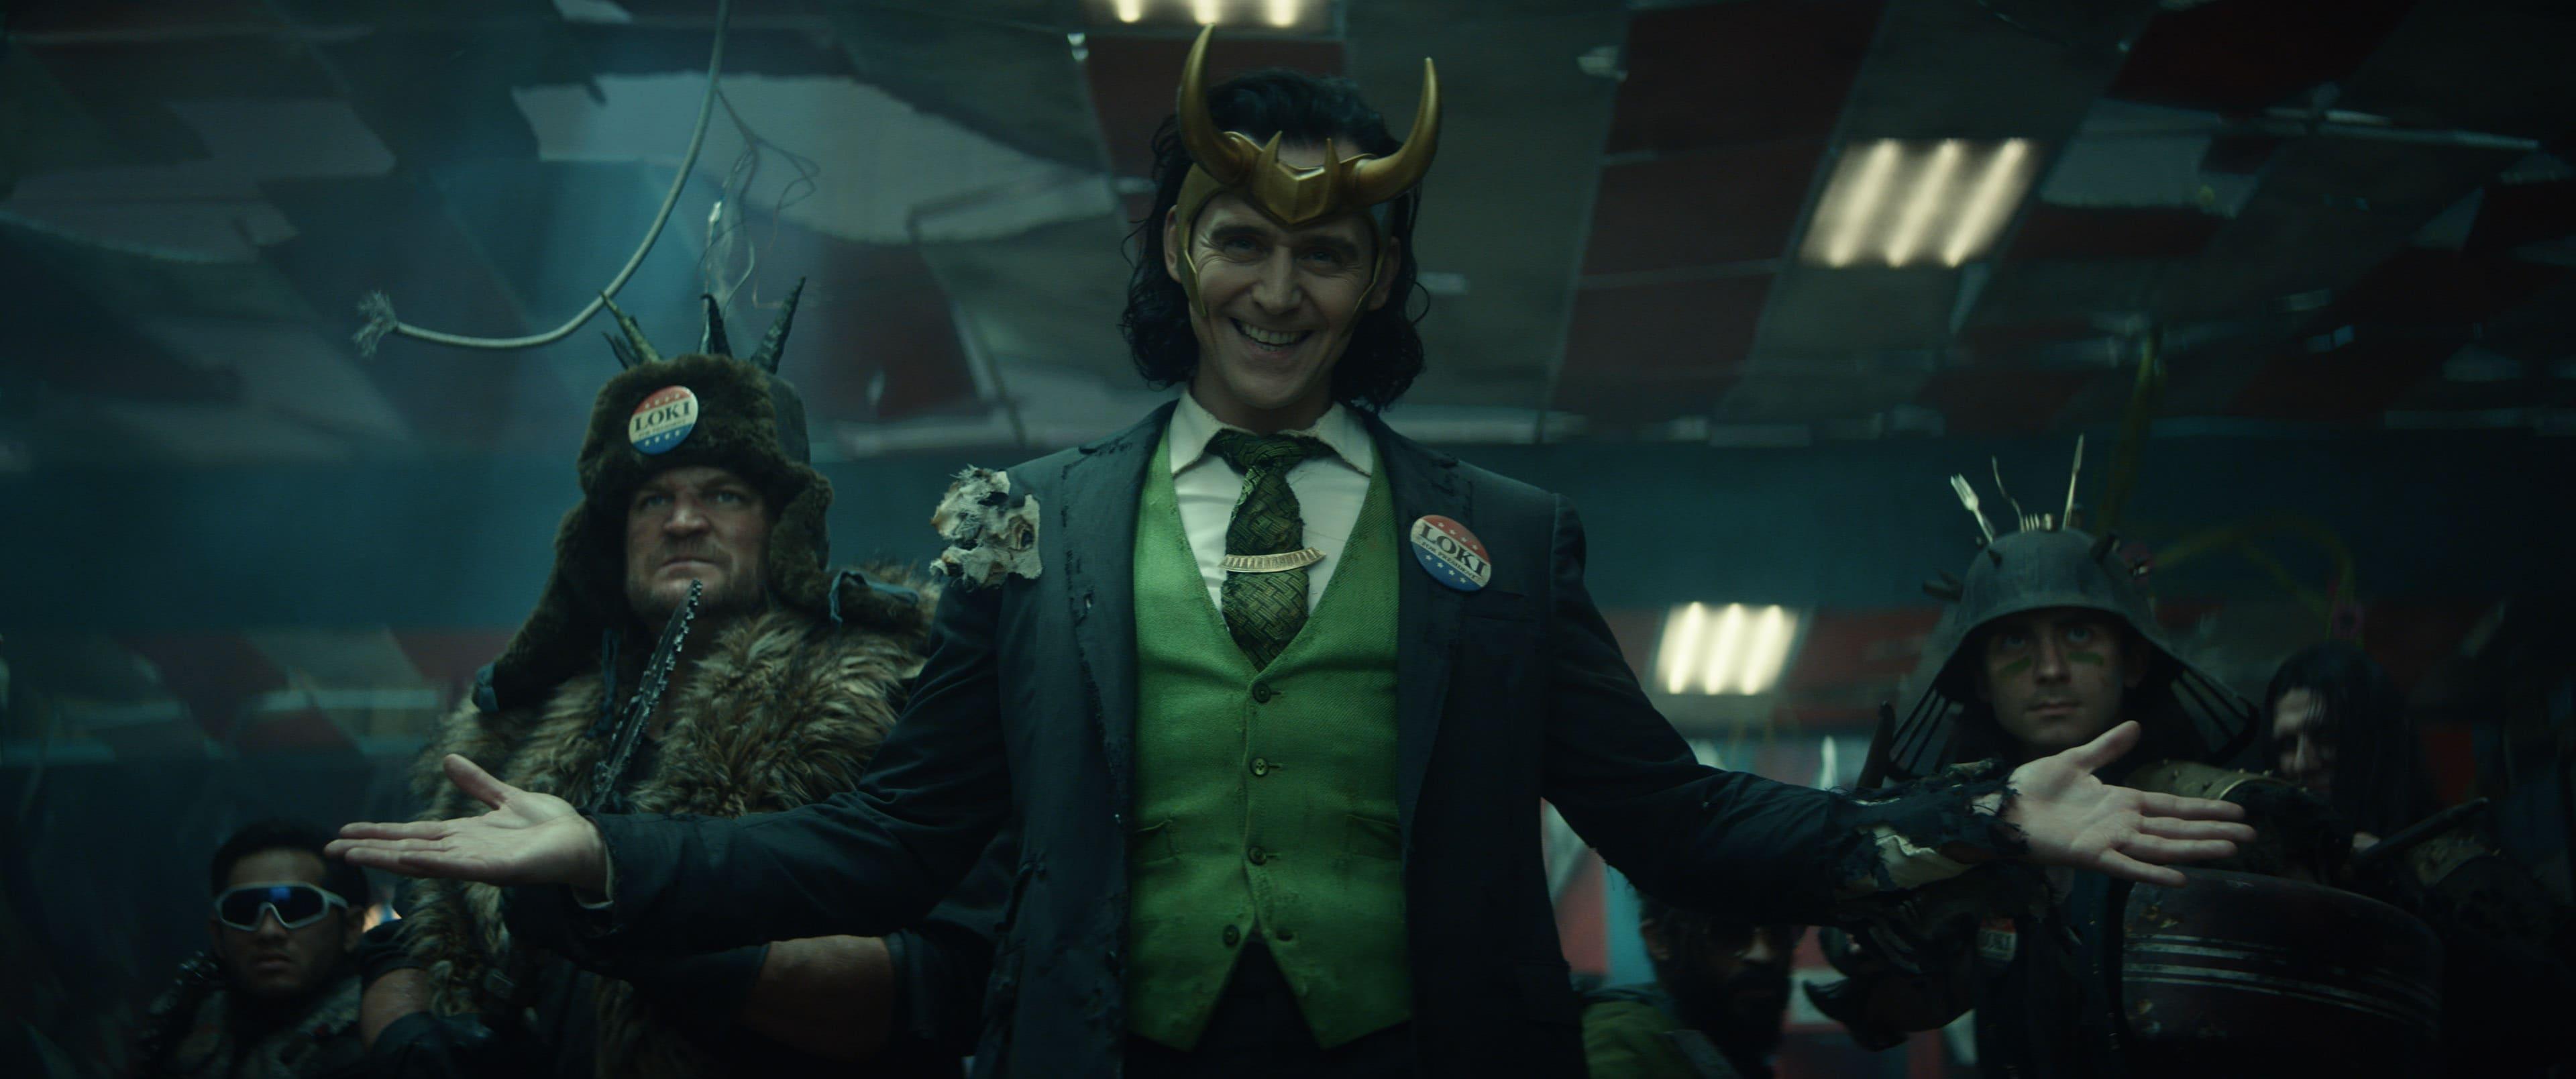 Il protagonista della serie televisiva Loki. Crediti: The Walt Disney Company e Marvel Studios.